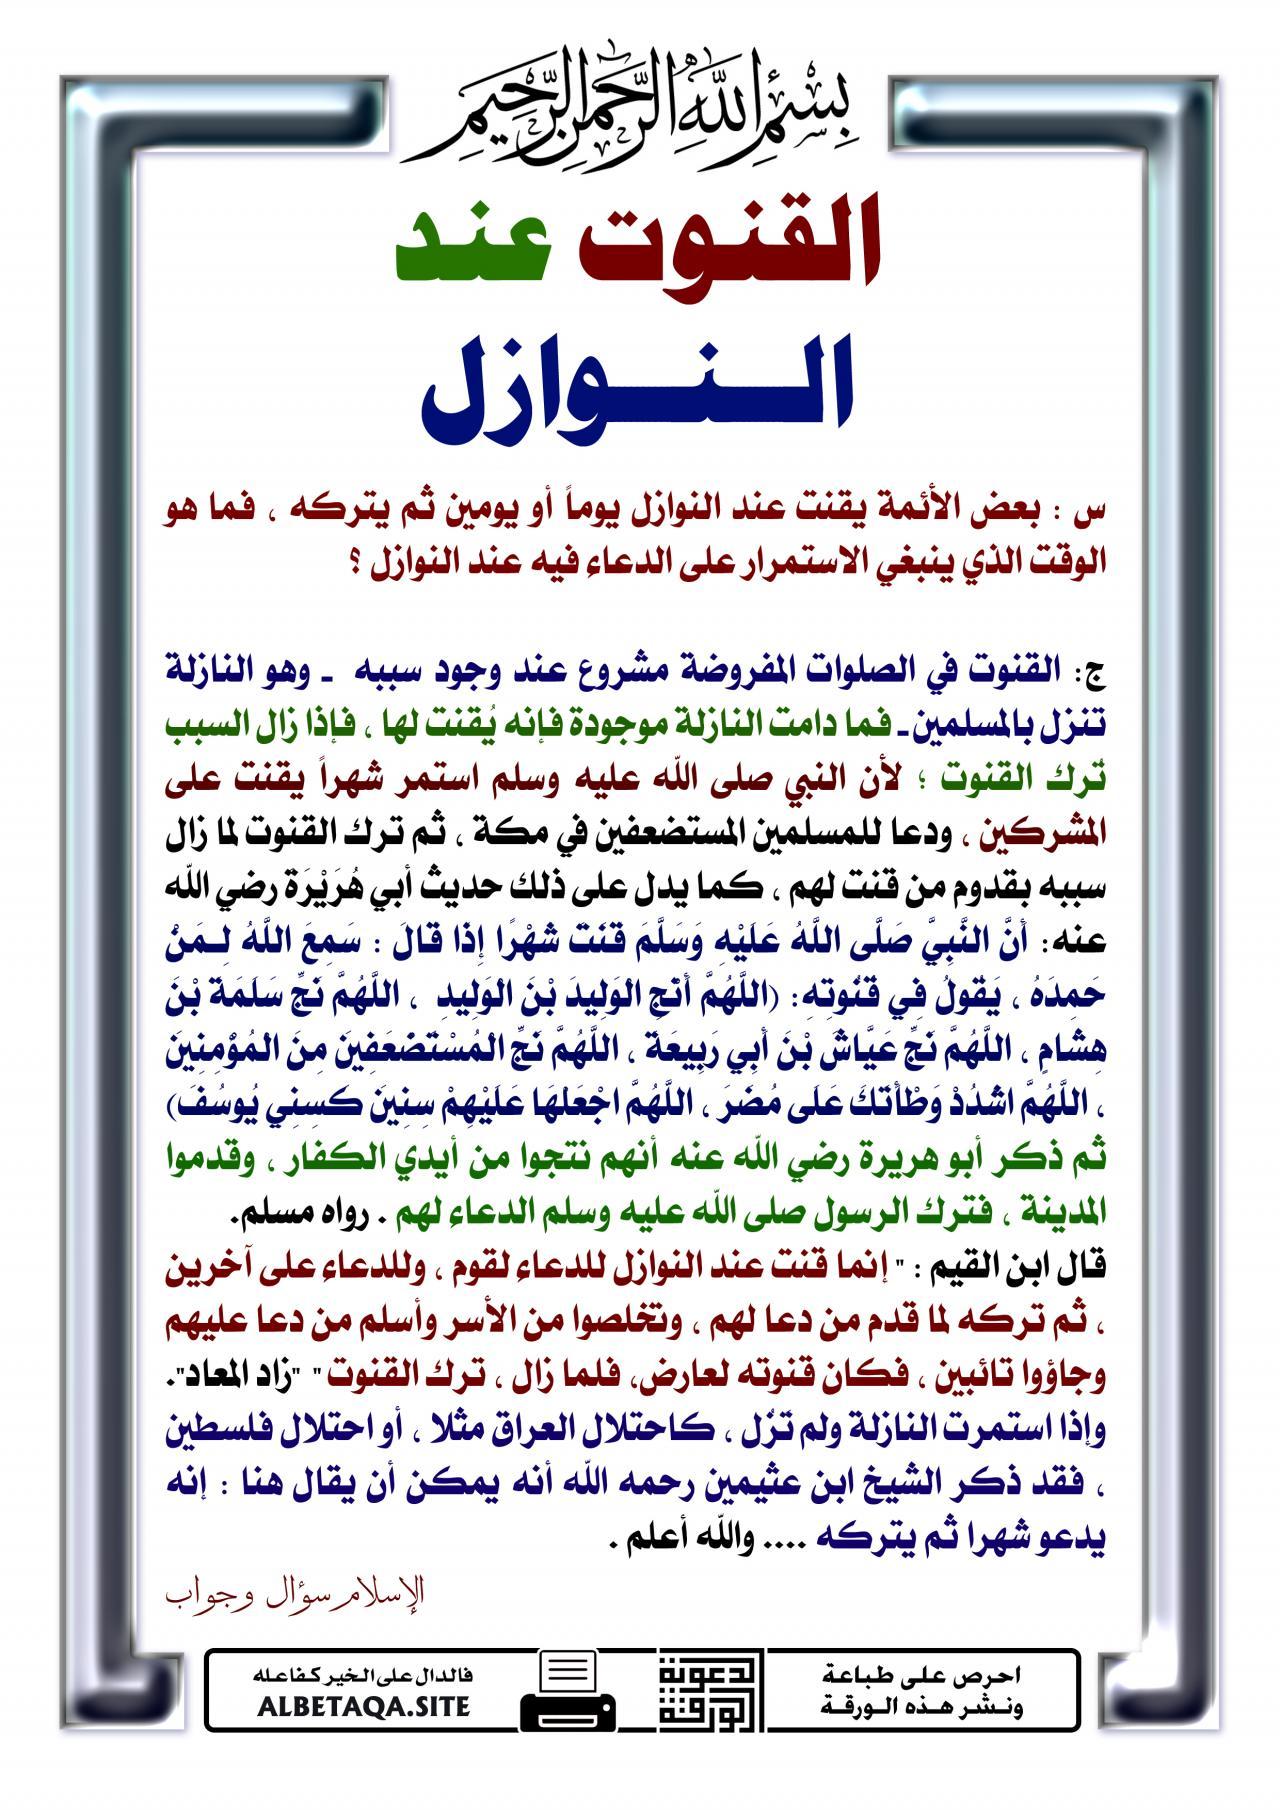 دعاء القنوت , معلومات هامة عن دعاء القنوت - كيوت